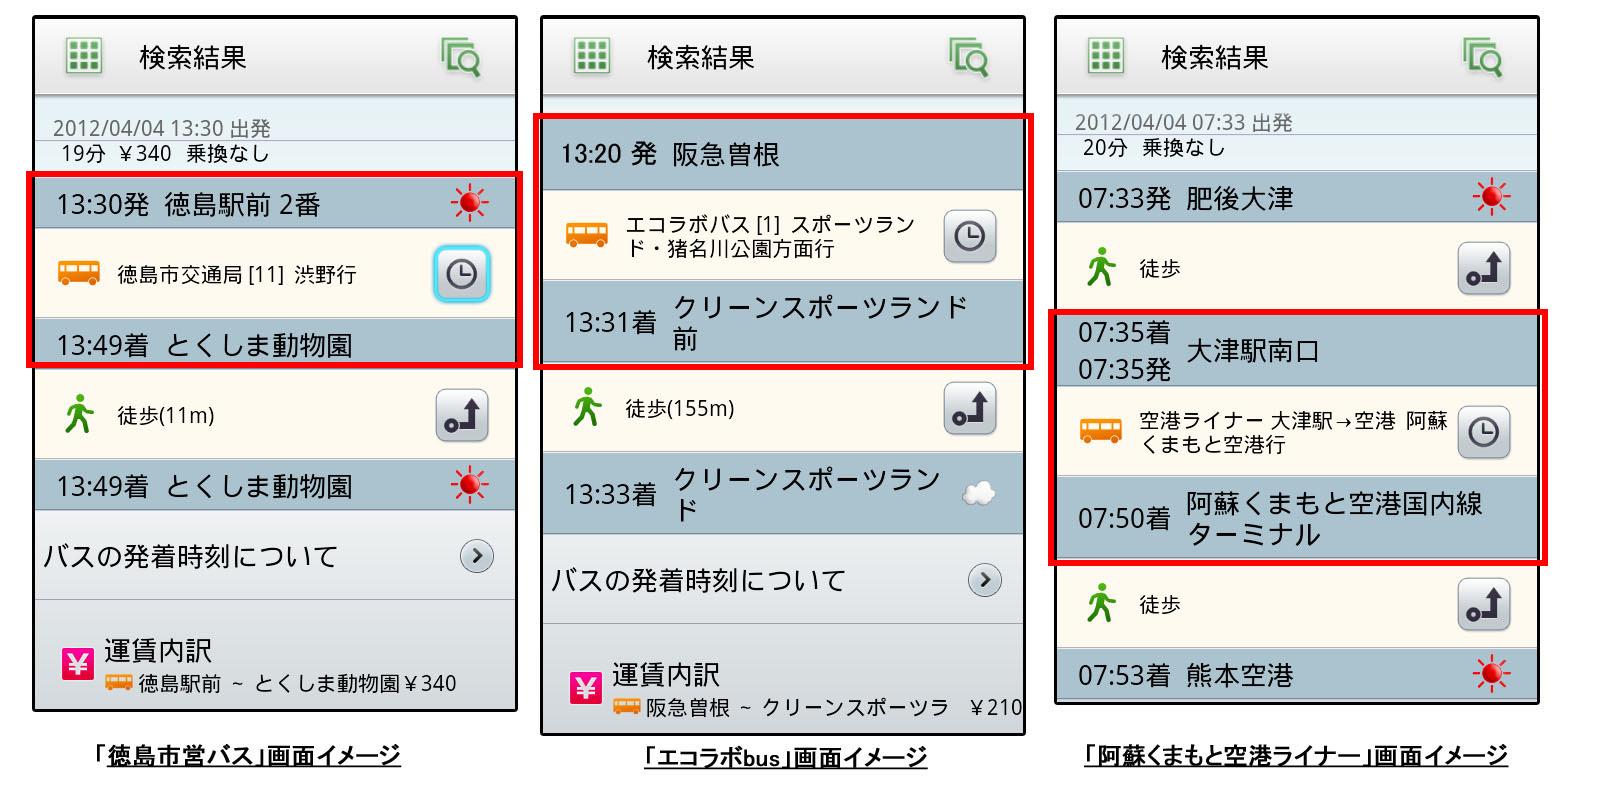 プレスリリース掲載用_edited-2.jpg